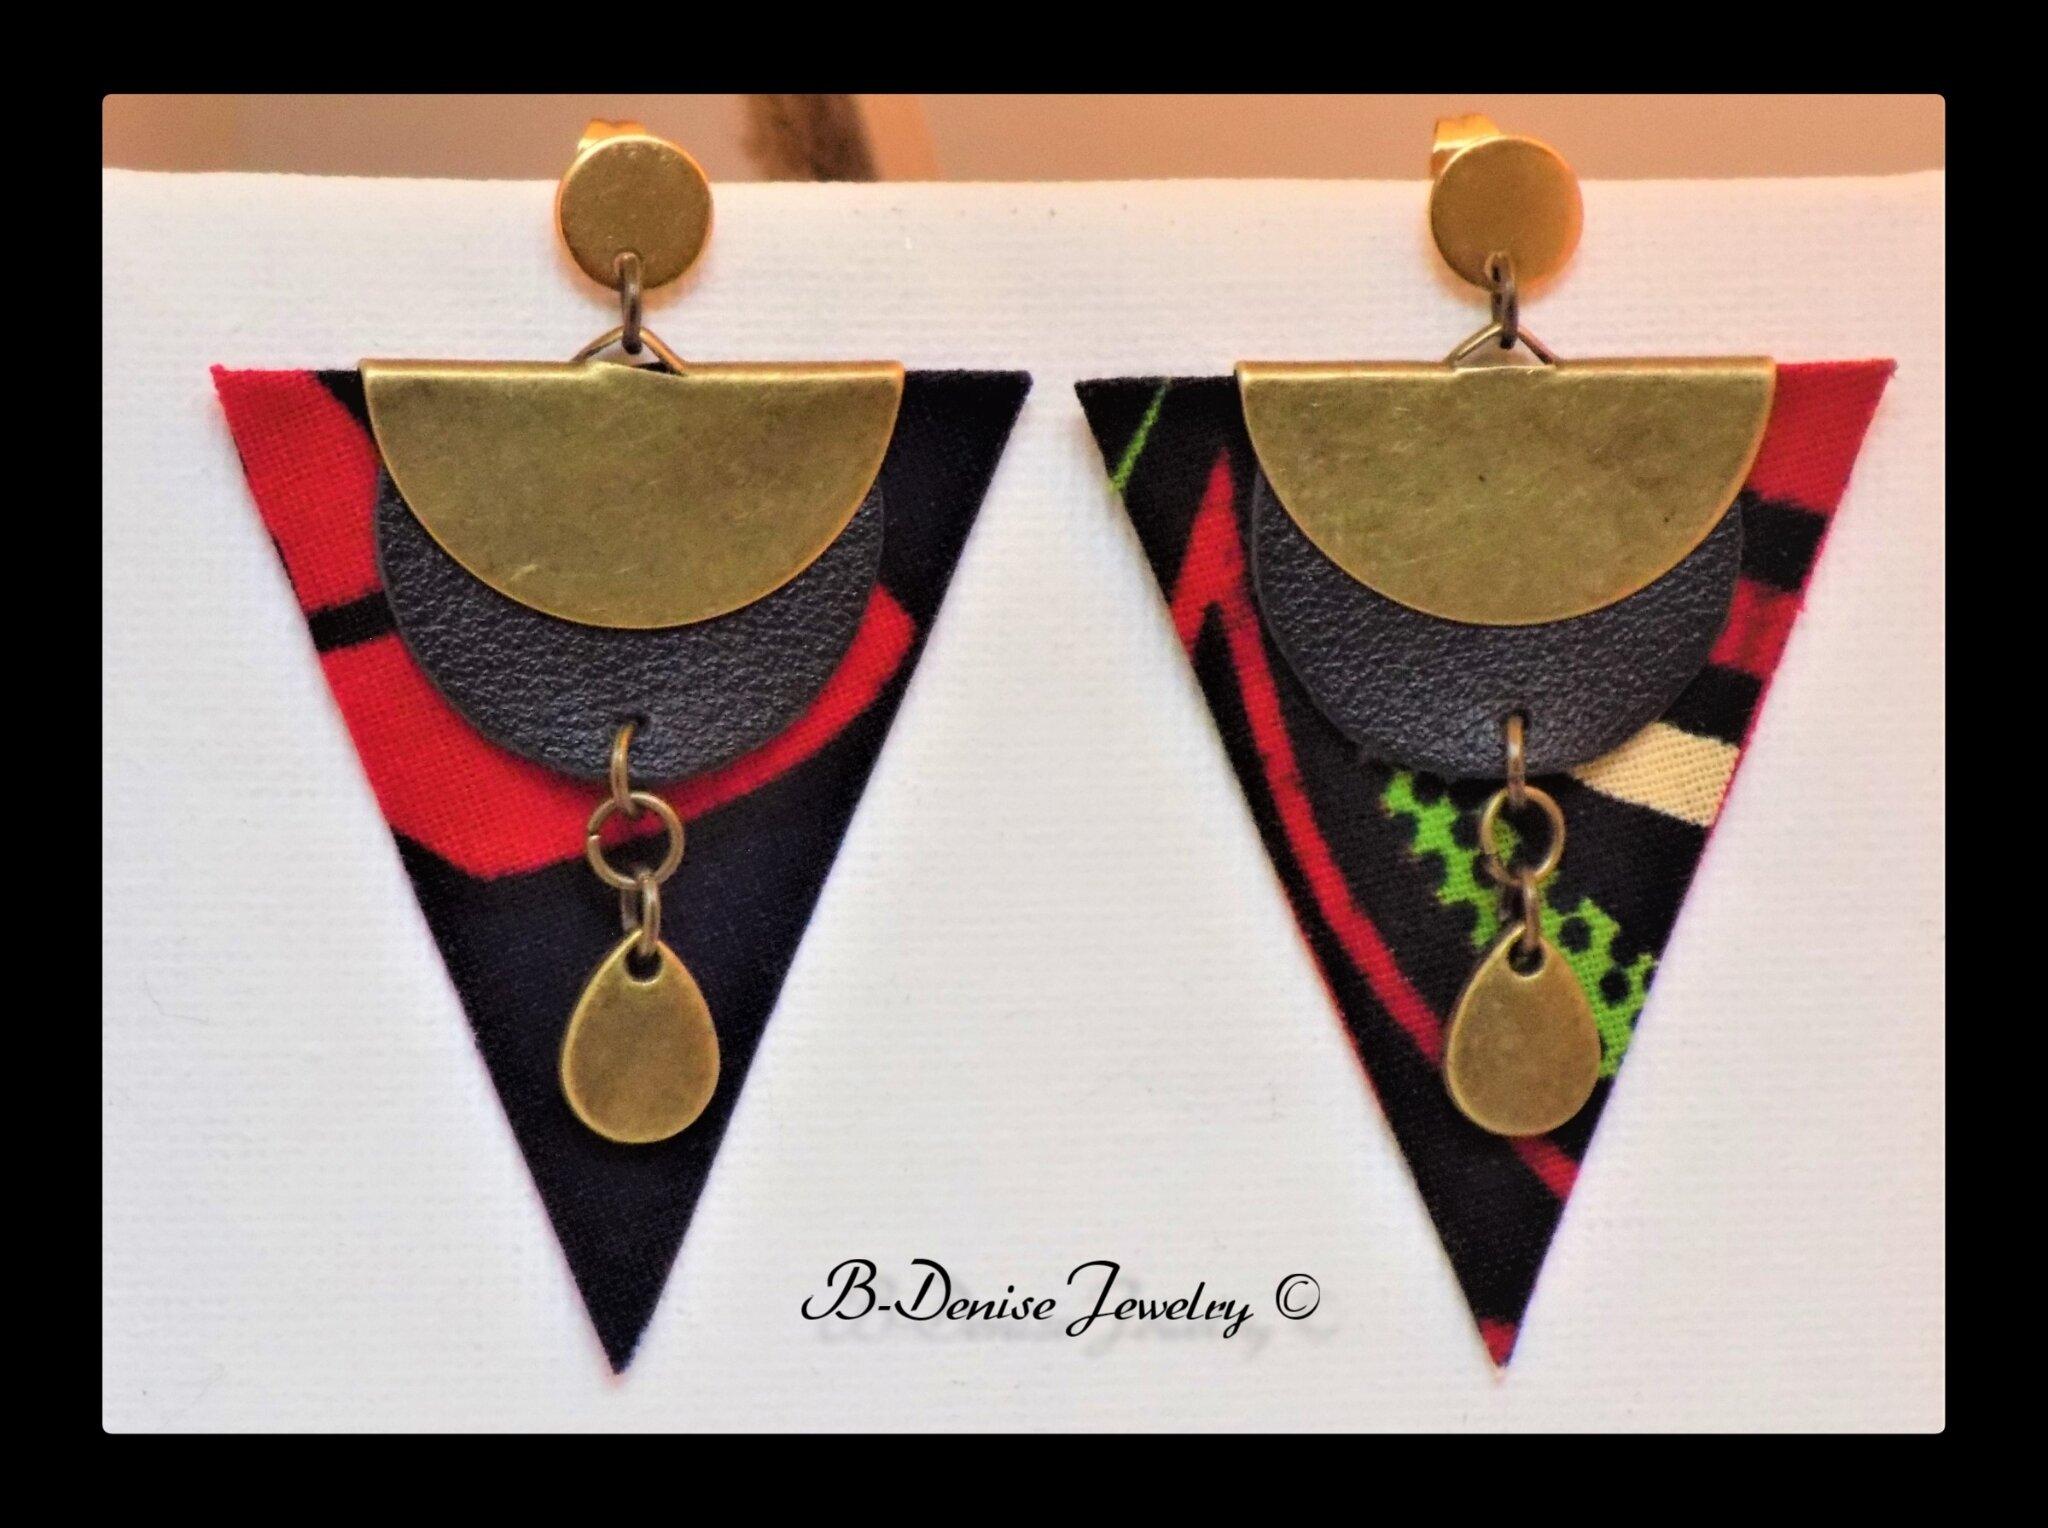 Boucles d'oreilles originales artisanales en cire de tissu !! DARK MOON !! Multi. en coton Laiton, T: 3,5 cm x 5cm B-Denise